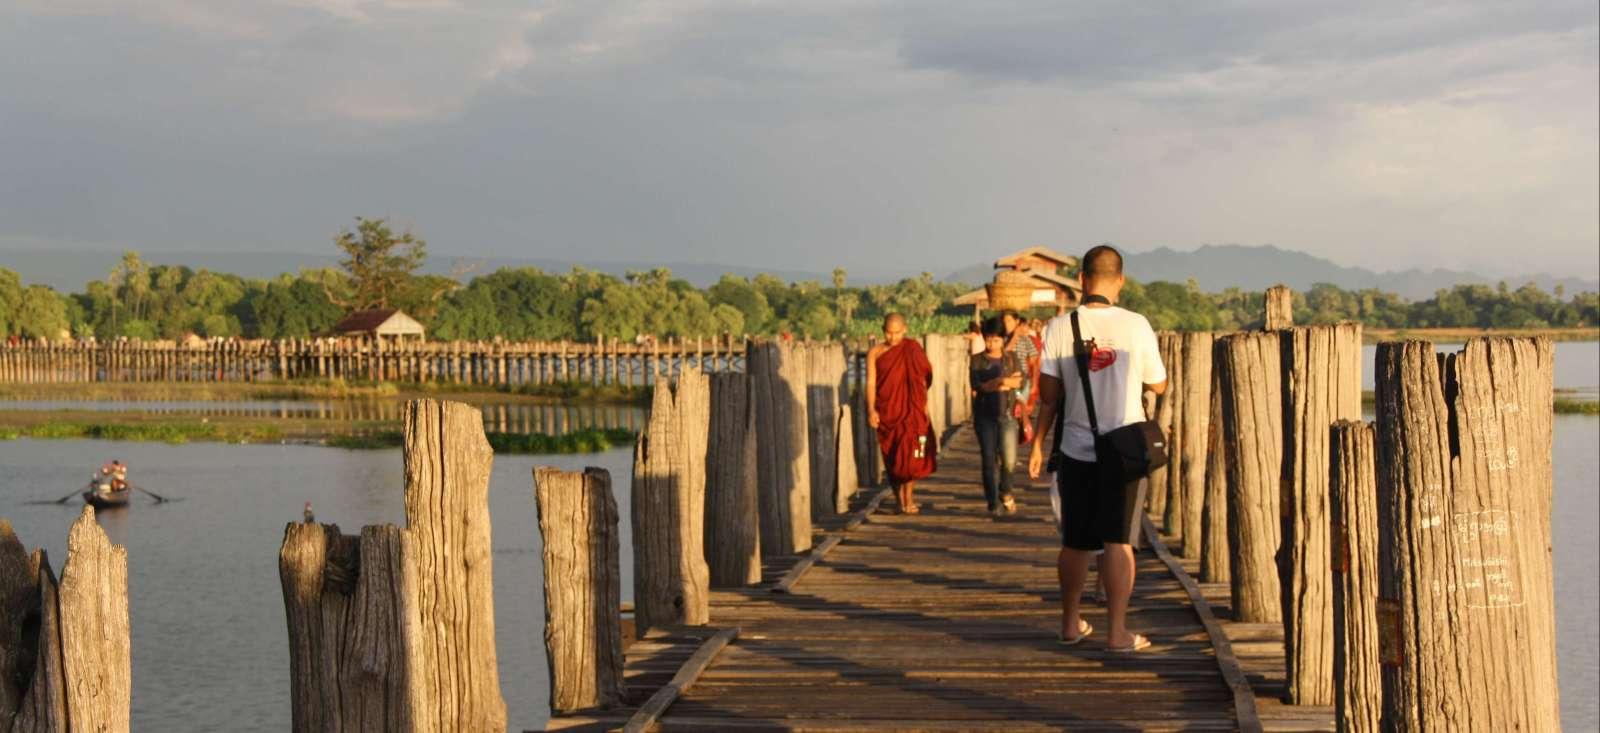 Voyage à pied : Nomade au pays du thanaka